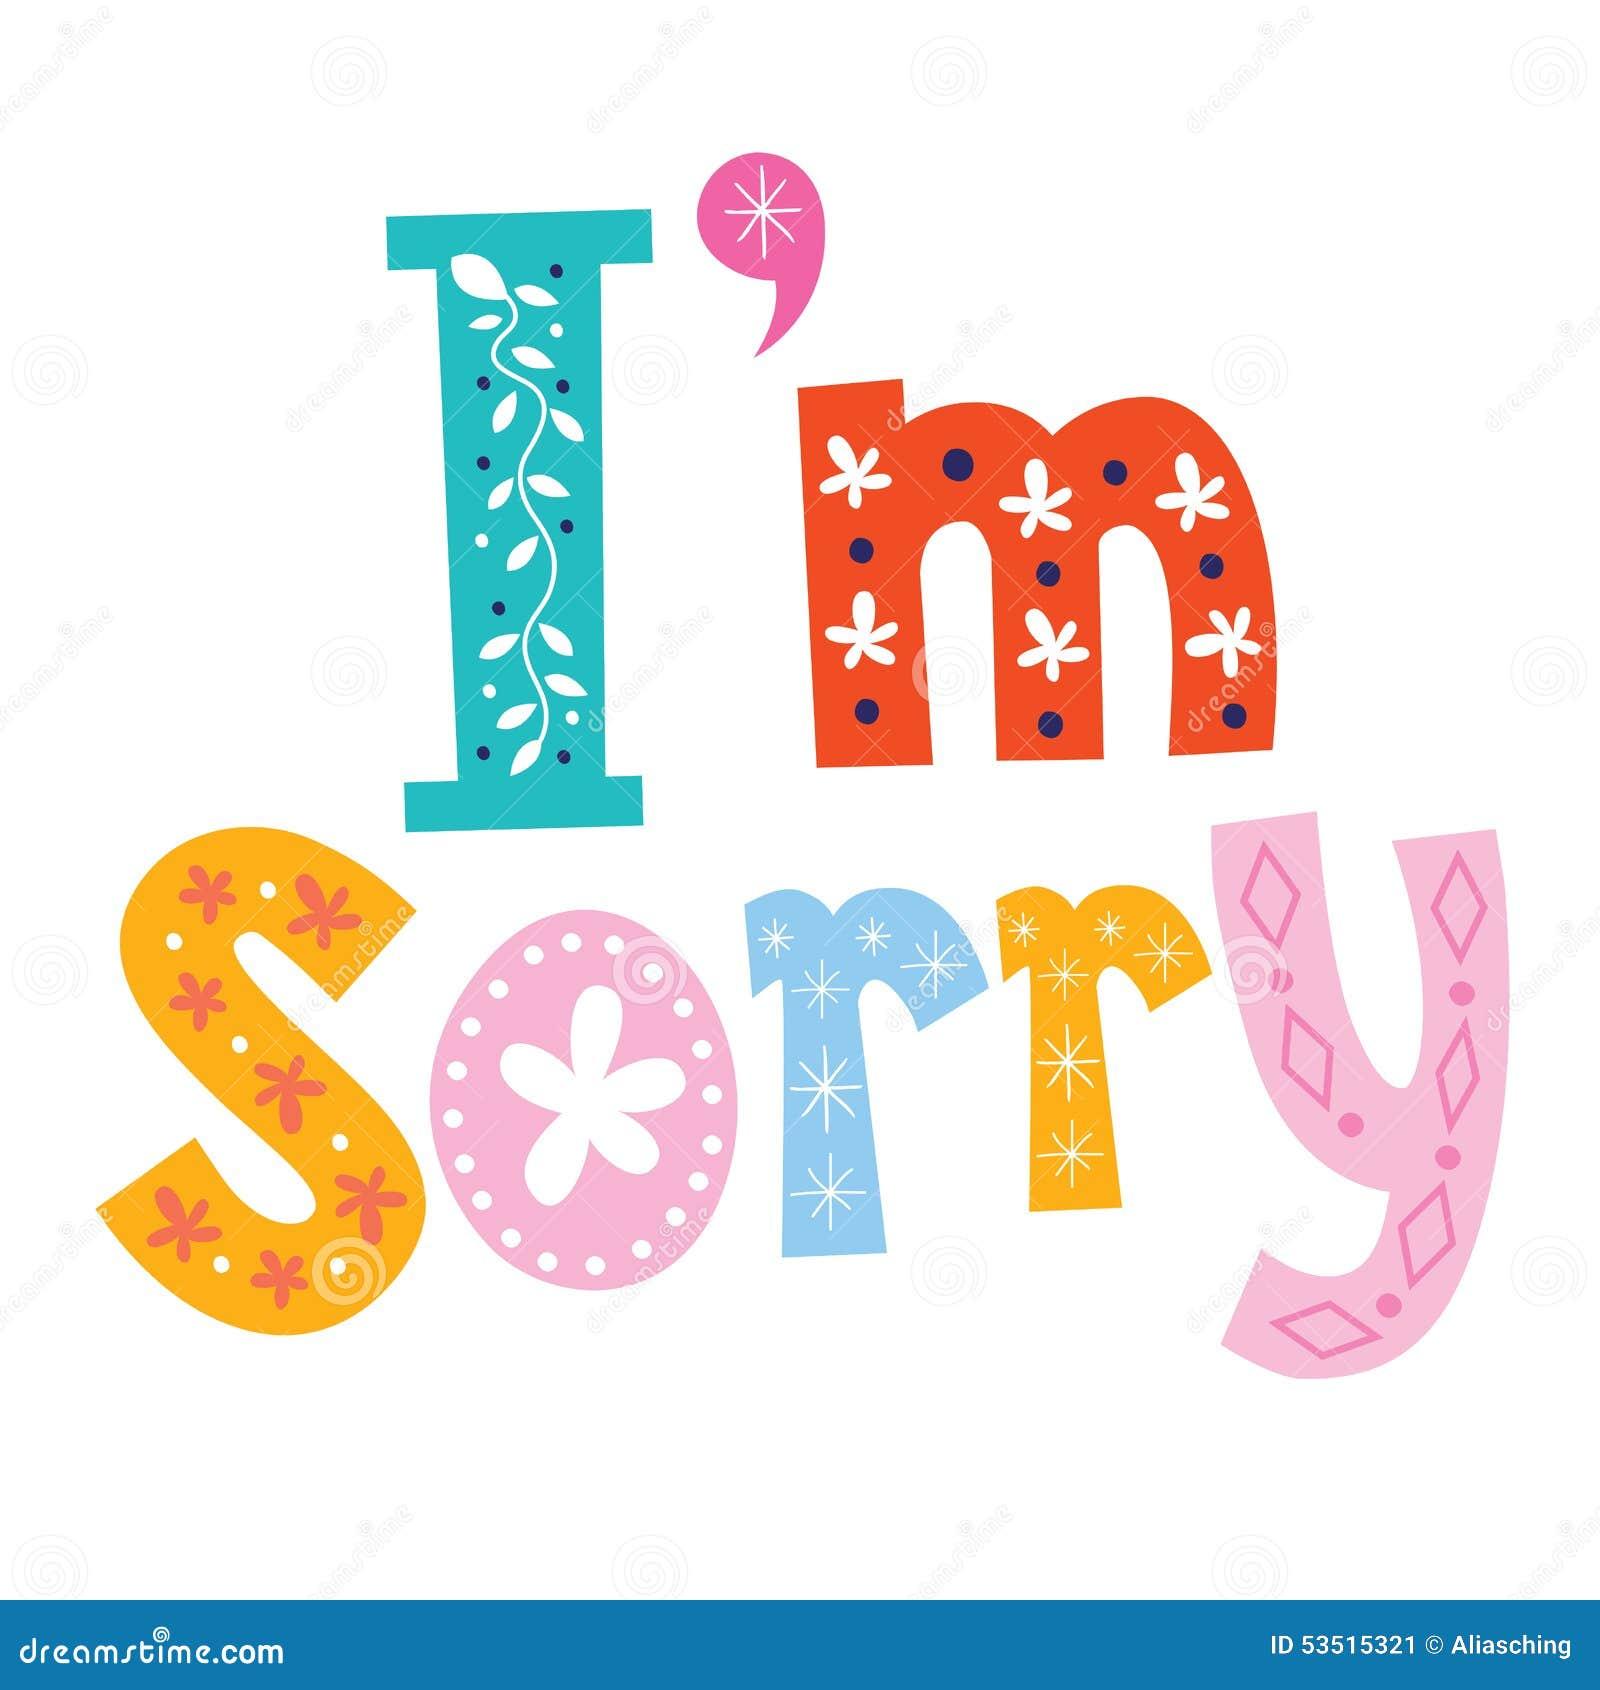 I'm Sorry Stock Image. Image Of Apology, Decorative, Sorry